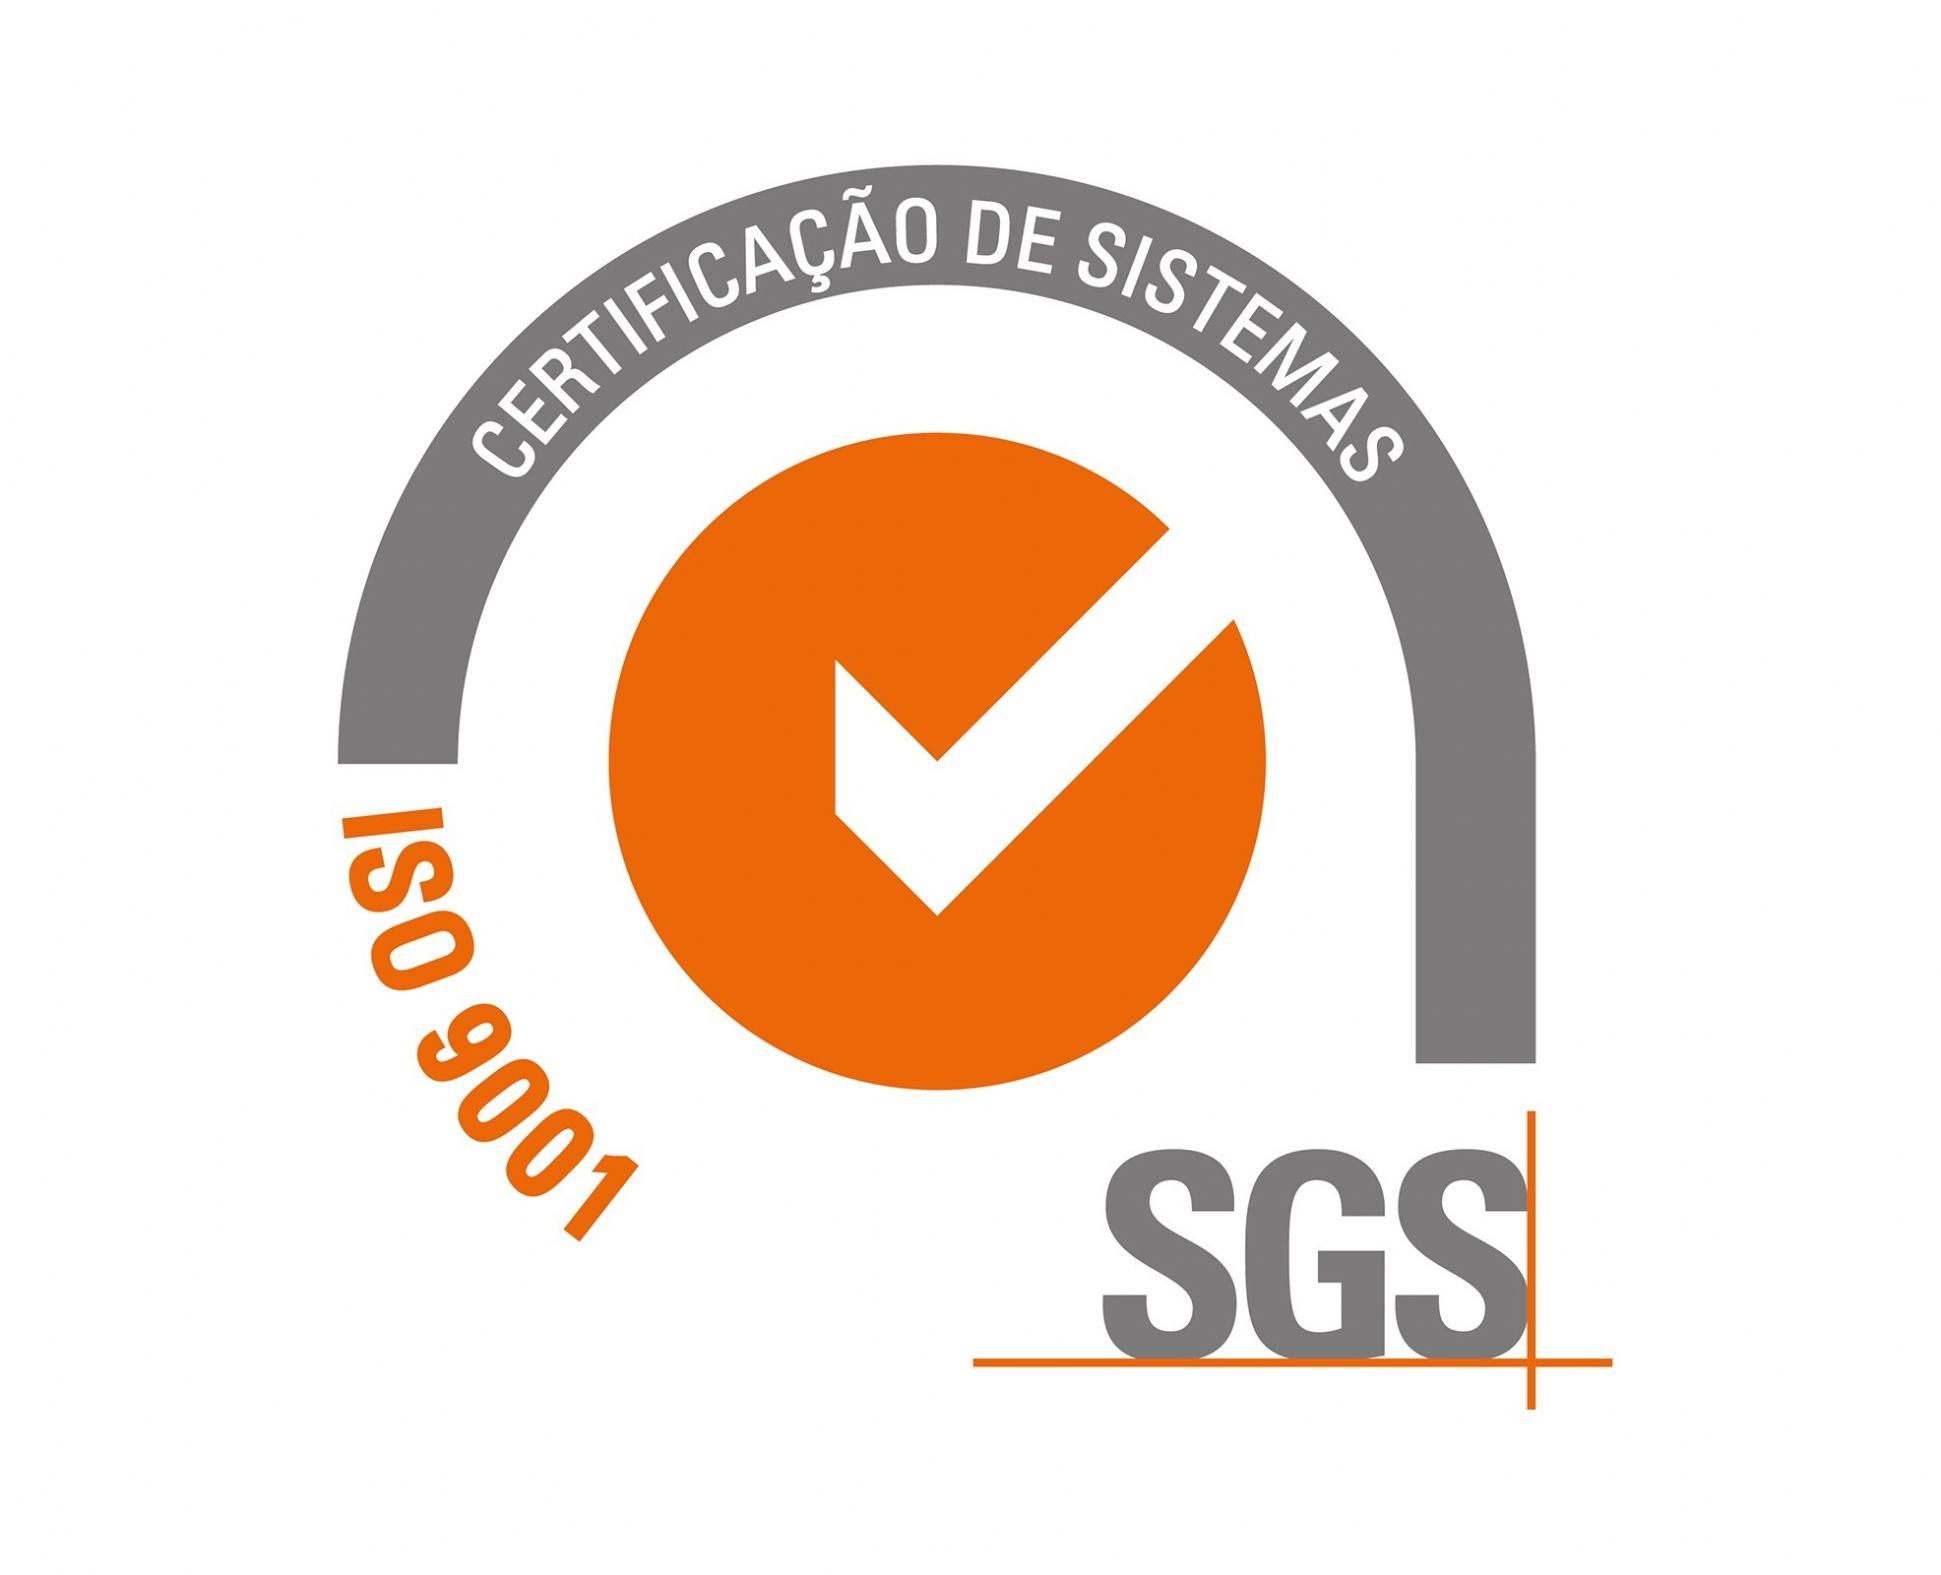 Salsamotor é uma empresa Certificada com a Norma de Sistema de Gestão de Qualidade ISO9001:2015